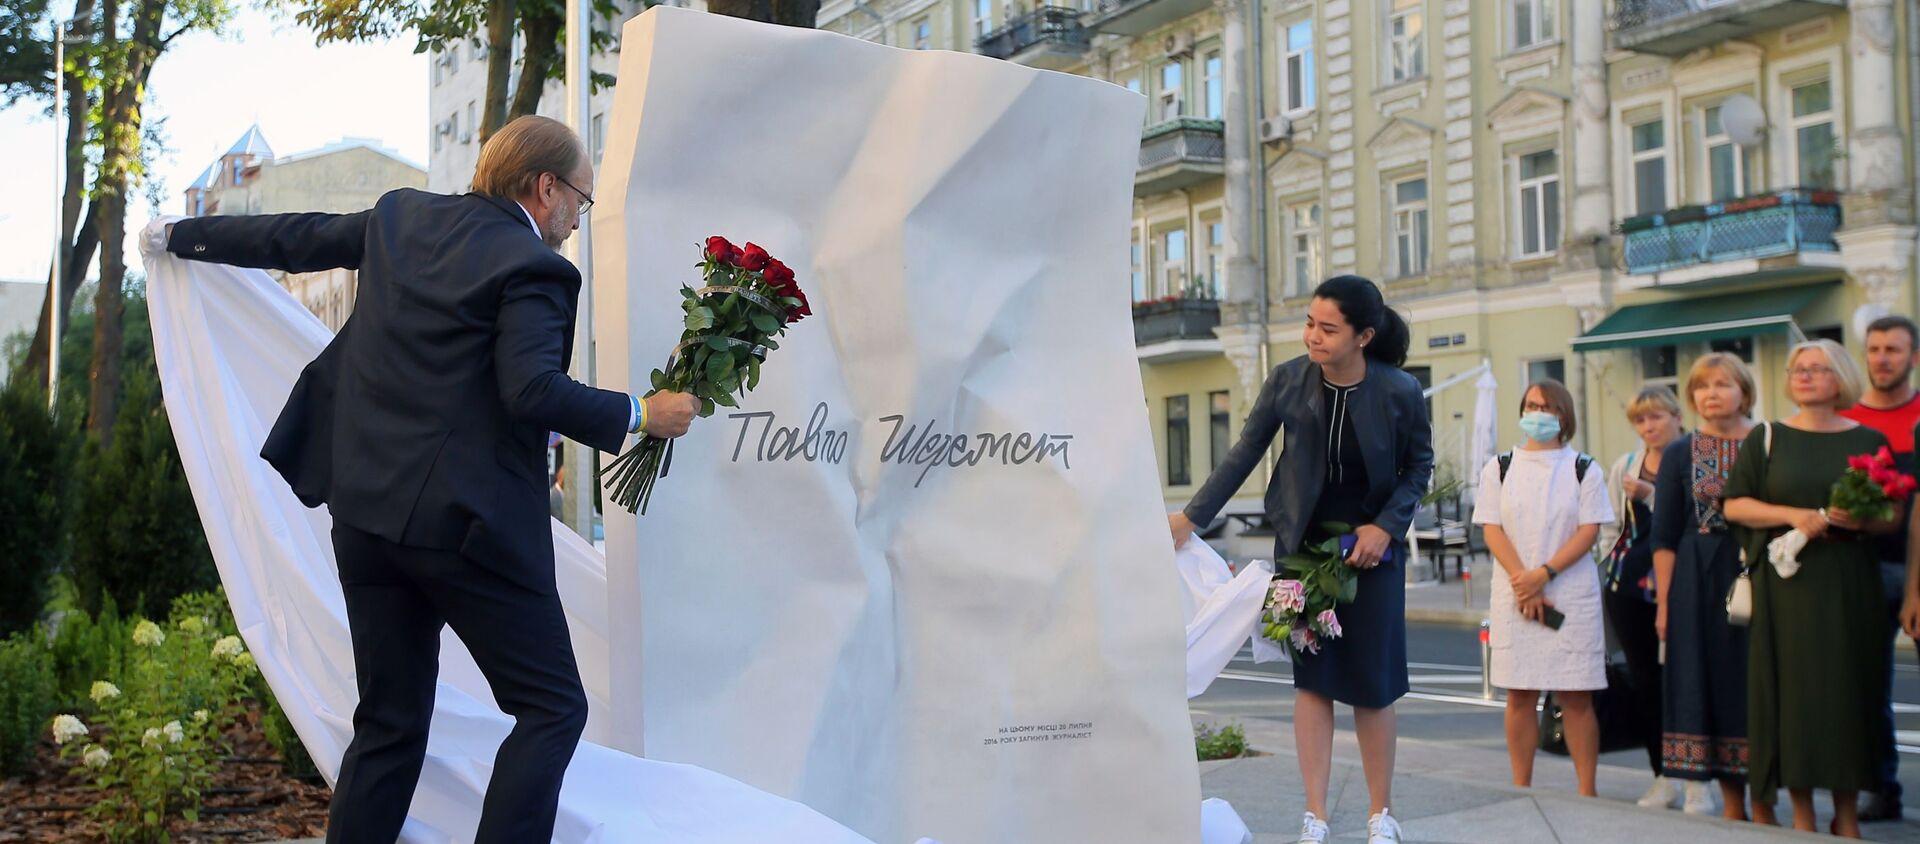 Открытие мемориала в честь убитого журналиста Павла Шеремета в Киеве - Sputnik Беларусь, 1920, 20.07.2020